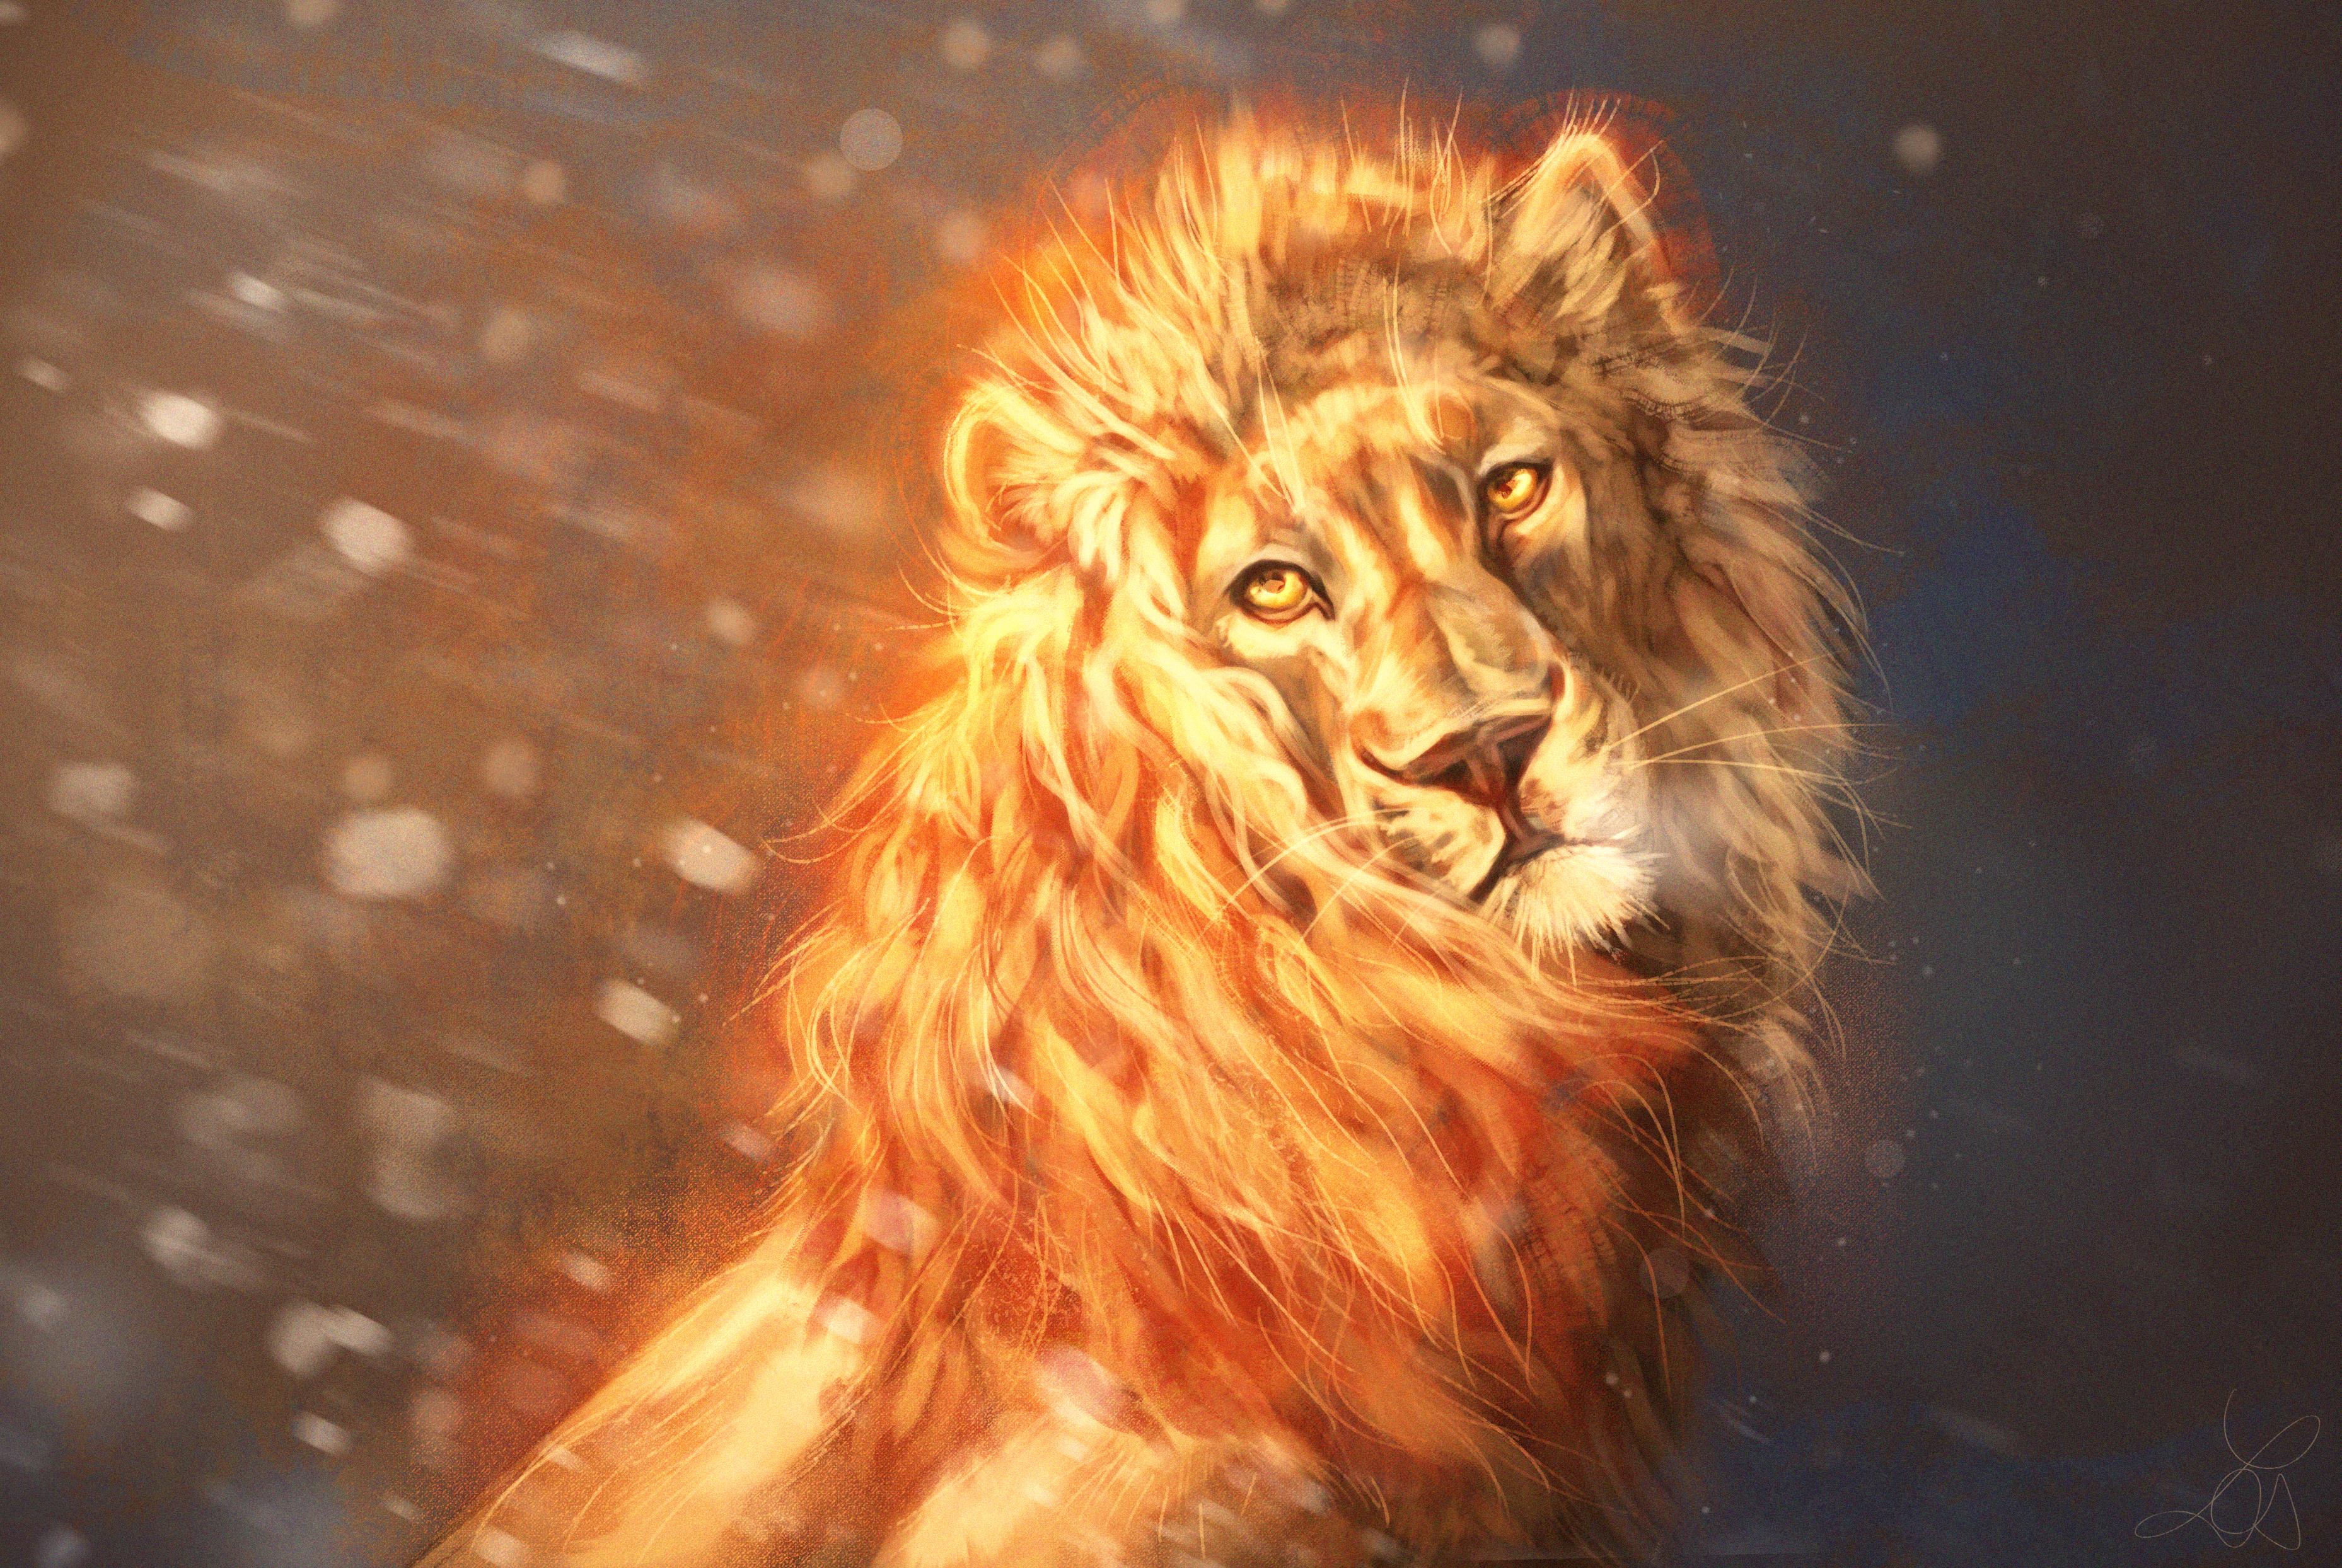 68697 Hintergrundbild herunterladen Kunst, Ein Löwe, Löwe, Raubtier, Predator, Sicht, Meinung, König Der Bestien - Bildschirmschoner und Bilder kostenlos